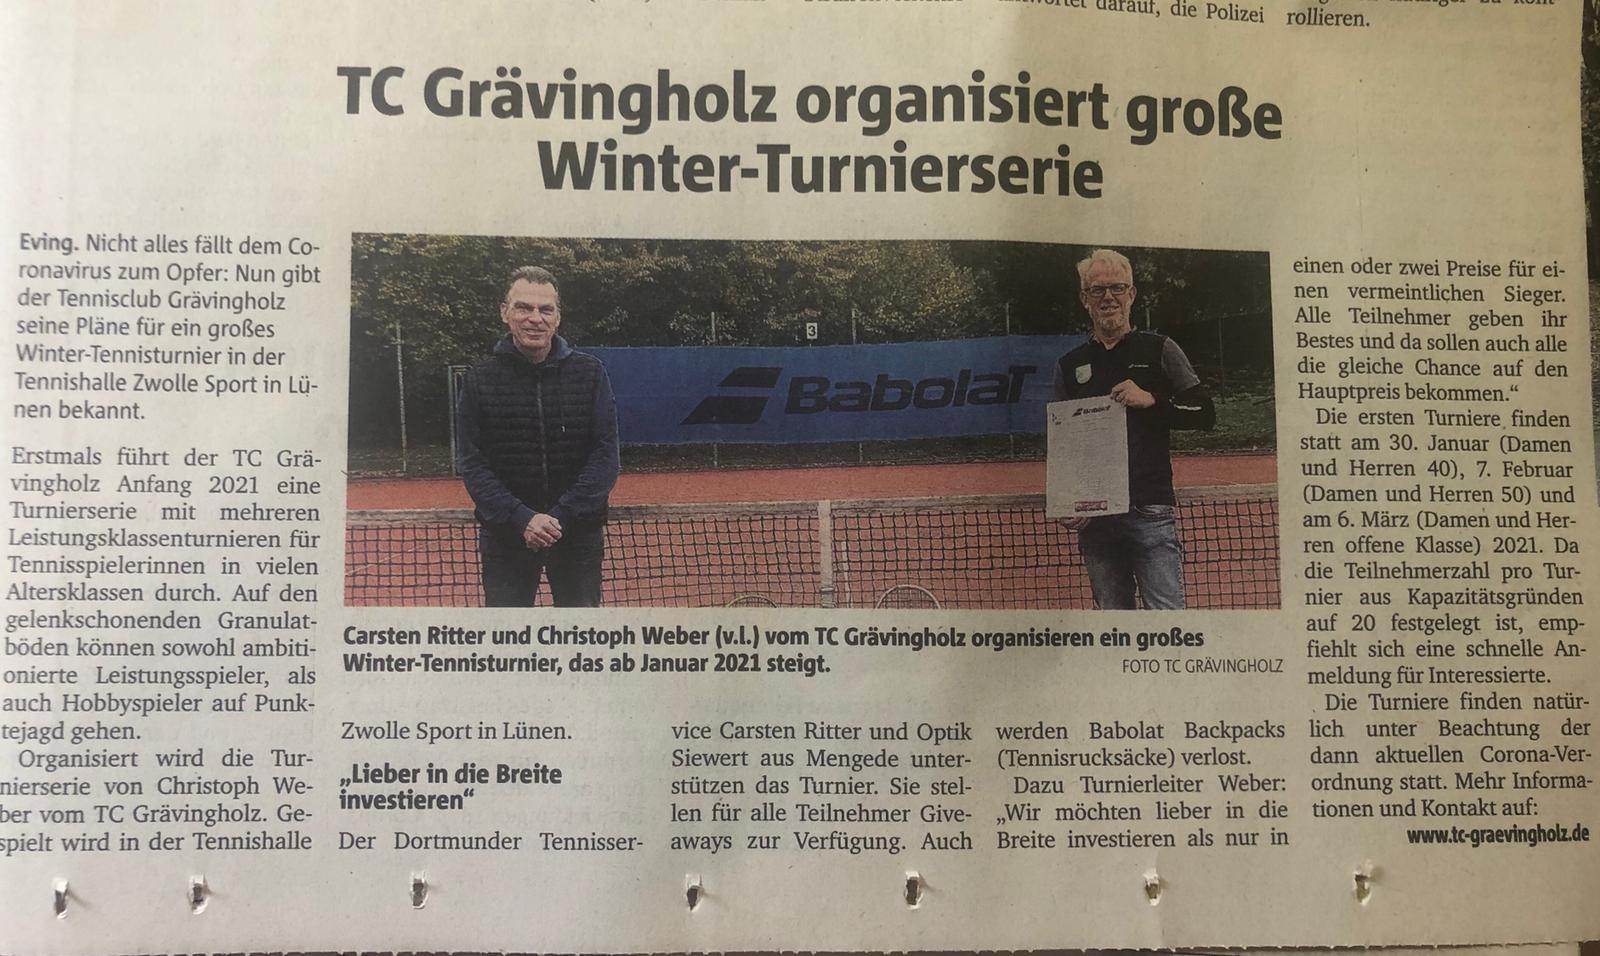 Ruhrnachrichten vom 27.10. 2020